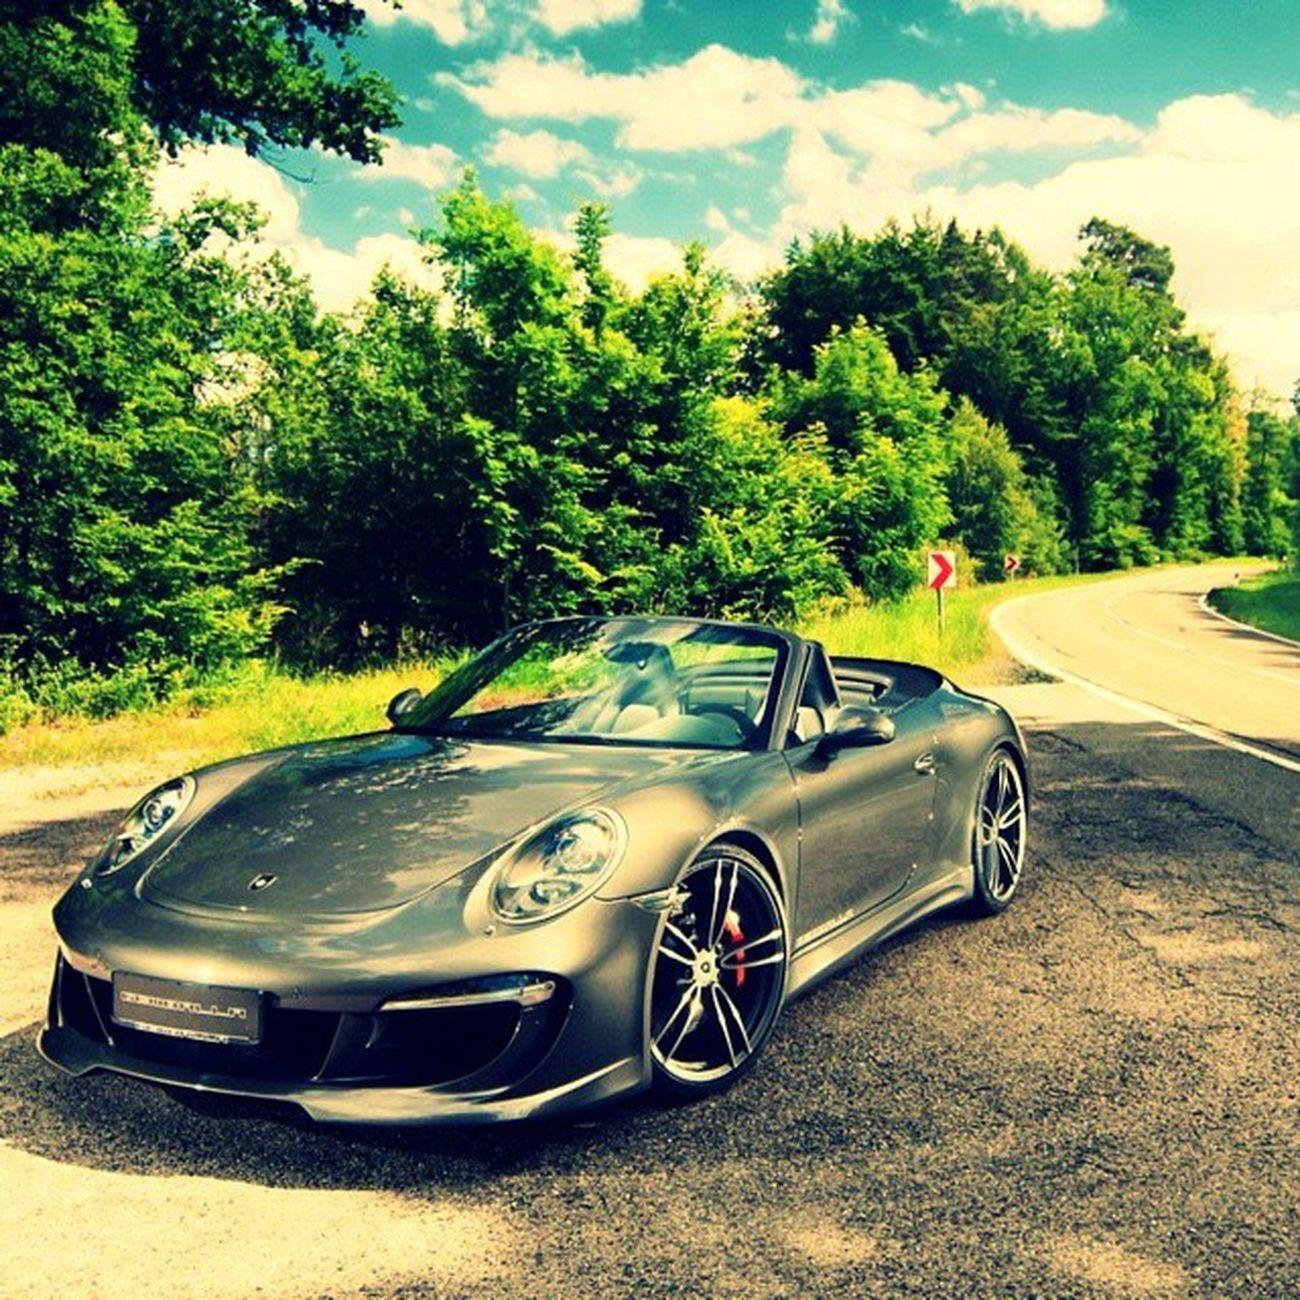 Porsche Street Effect Processgreen Greatwork